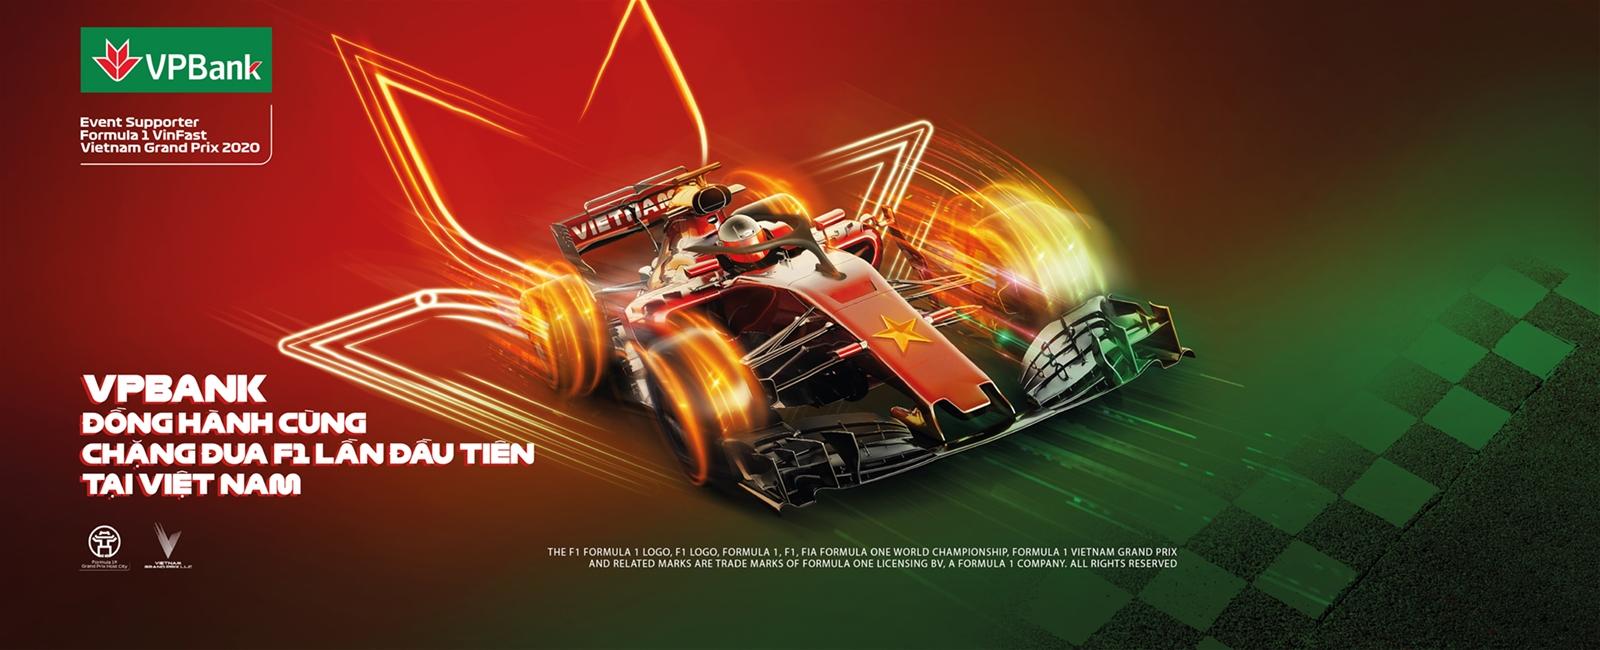 VPBank tặng vé cho khách hàng tham dự giải đua xe F1 Việt Nam Grand Prix